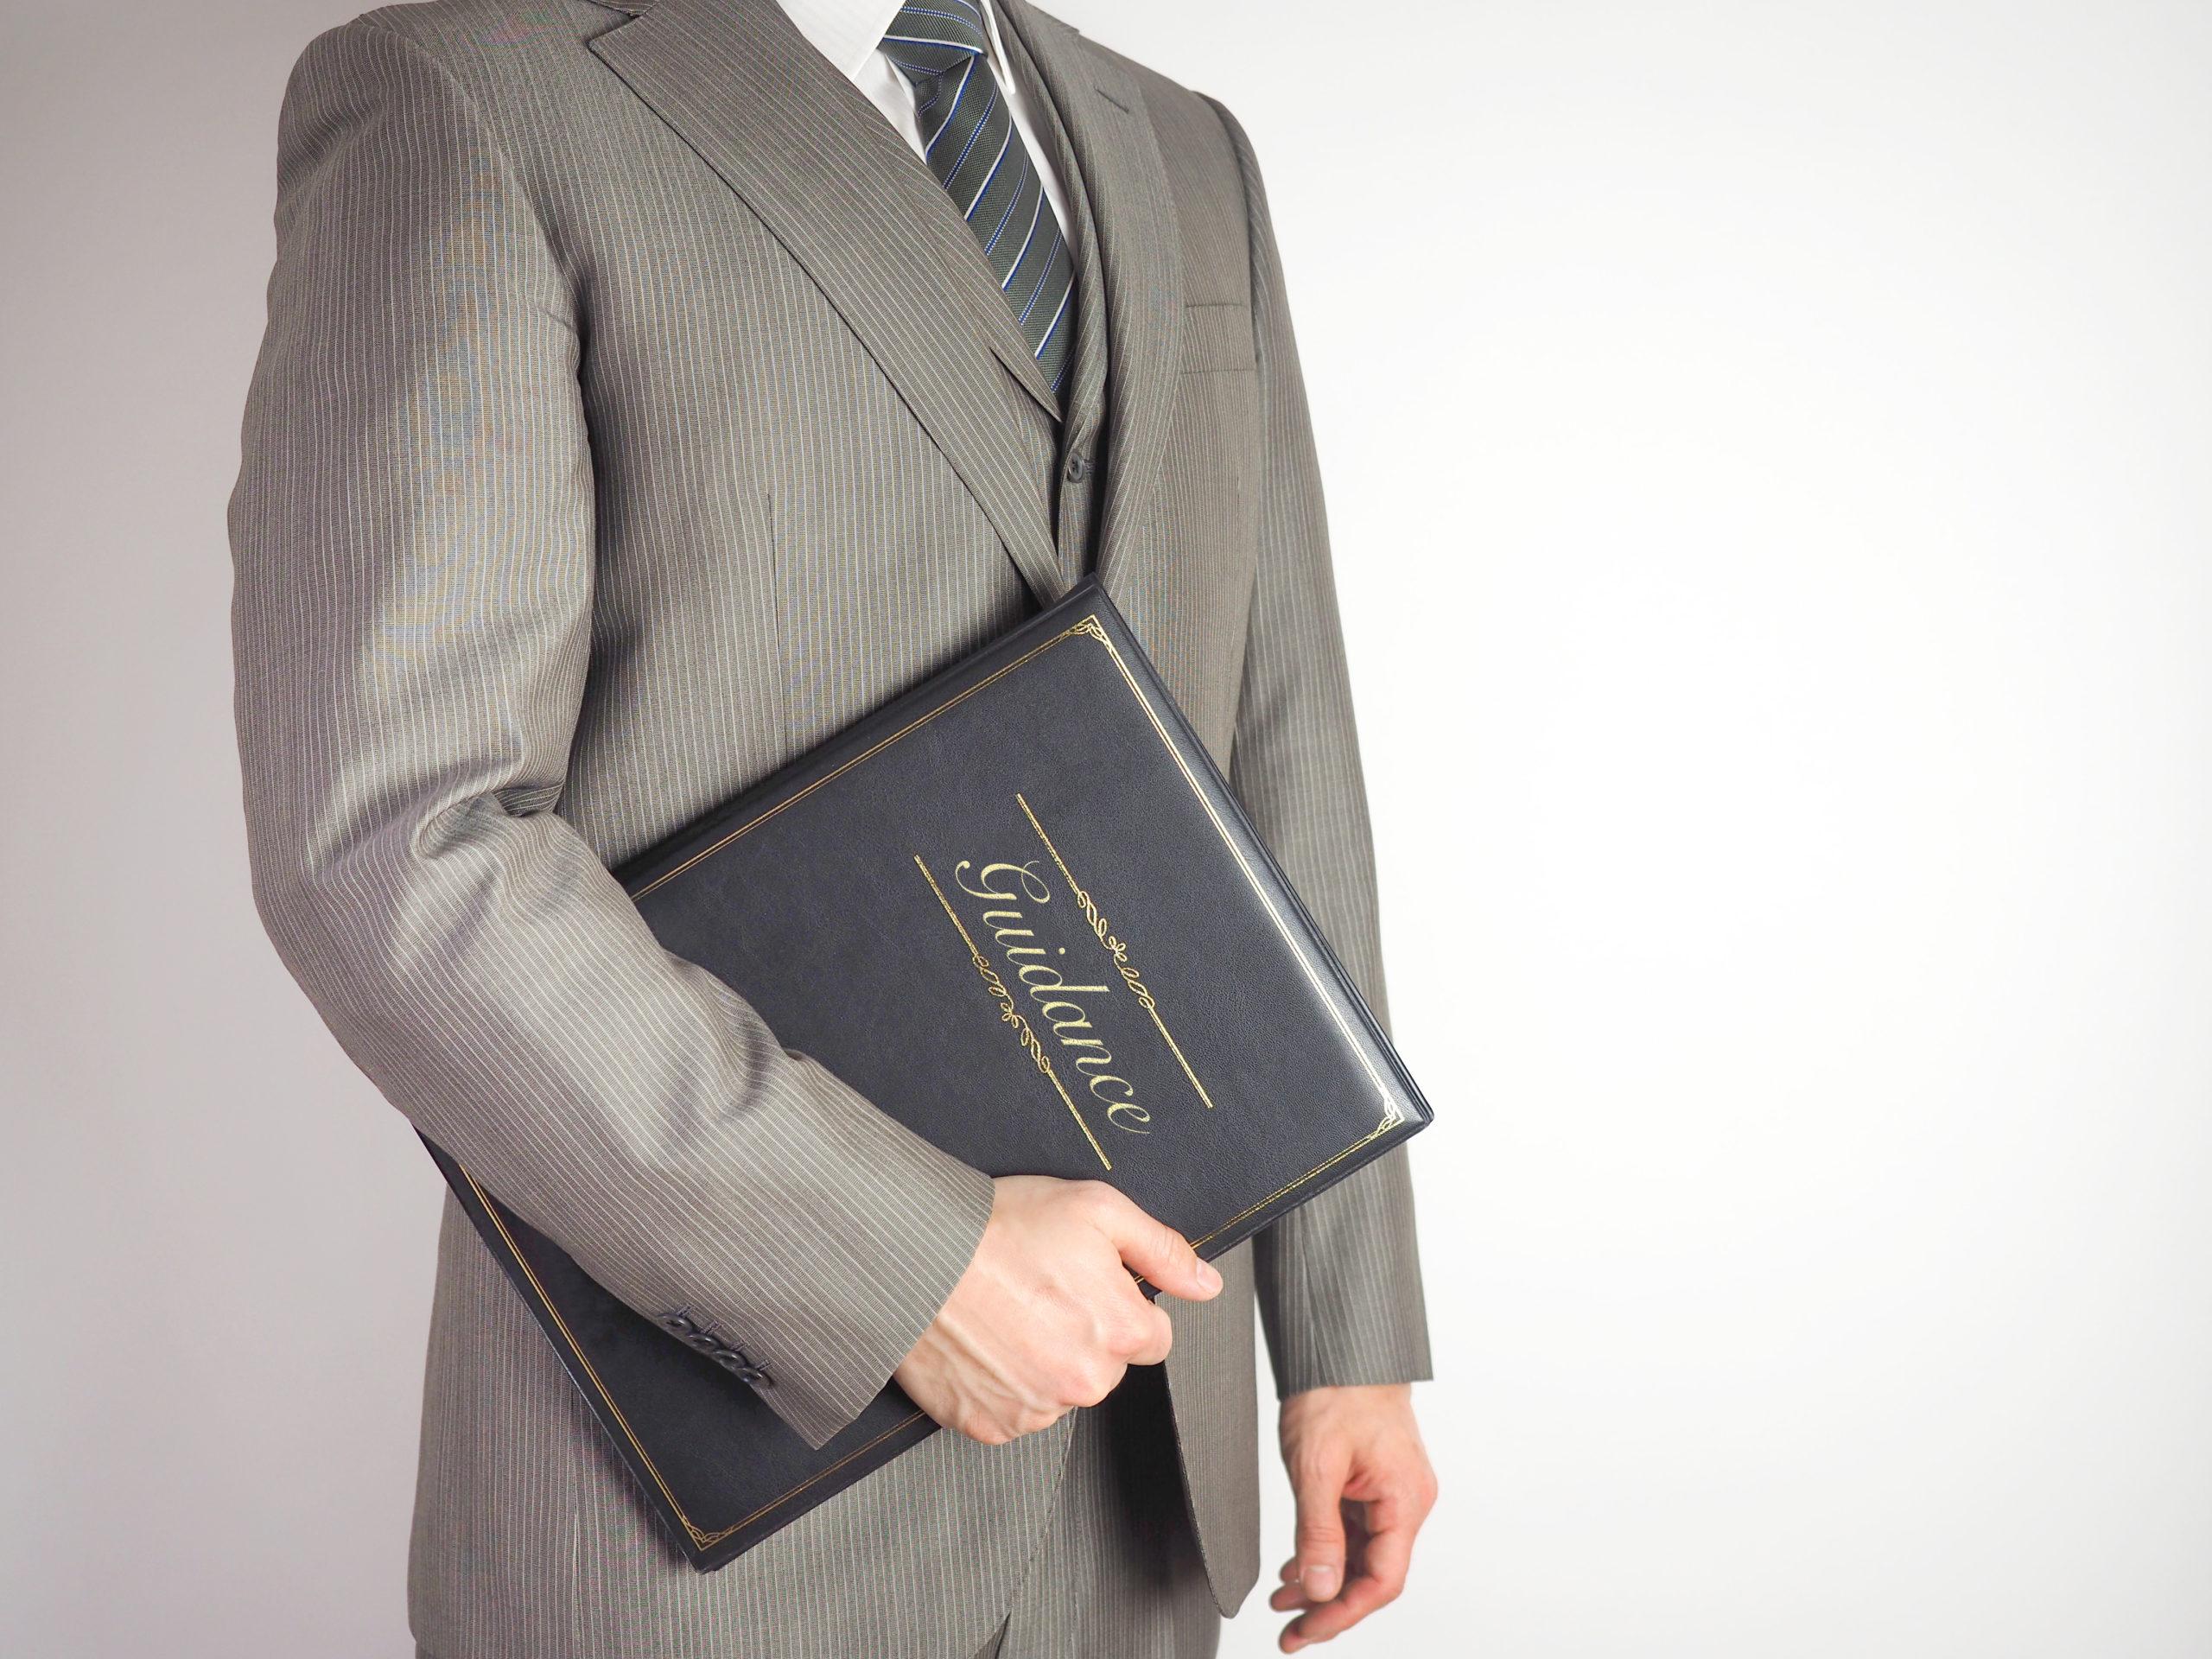 転職・開業、何から始めるの?誰に相談すればいいの?